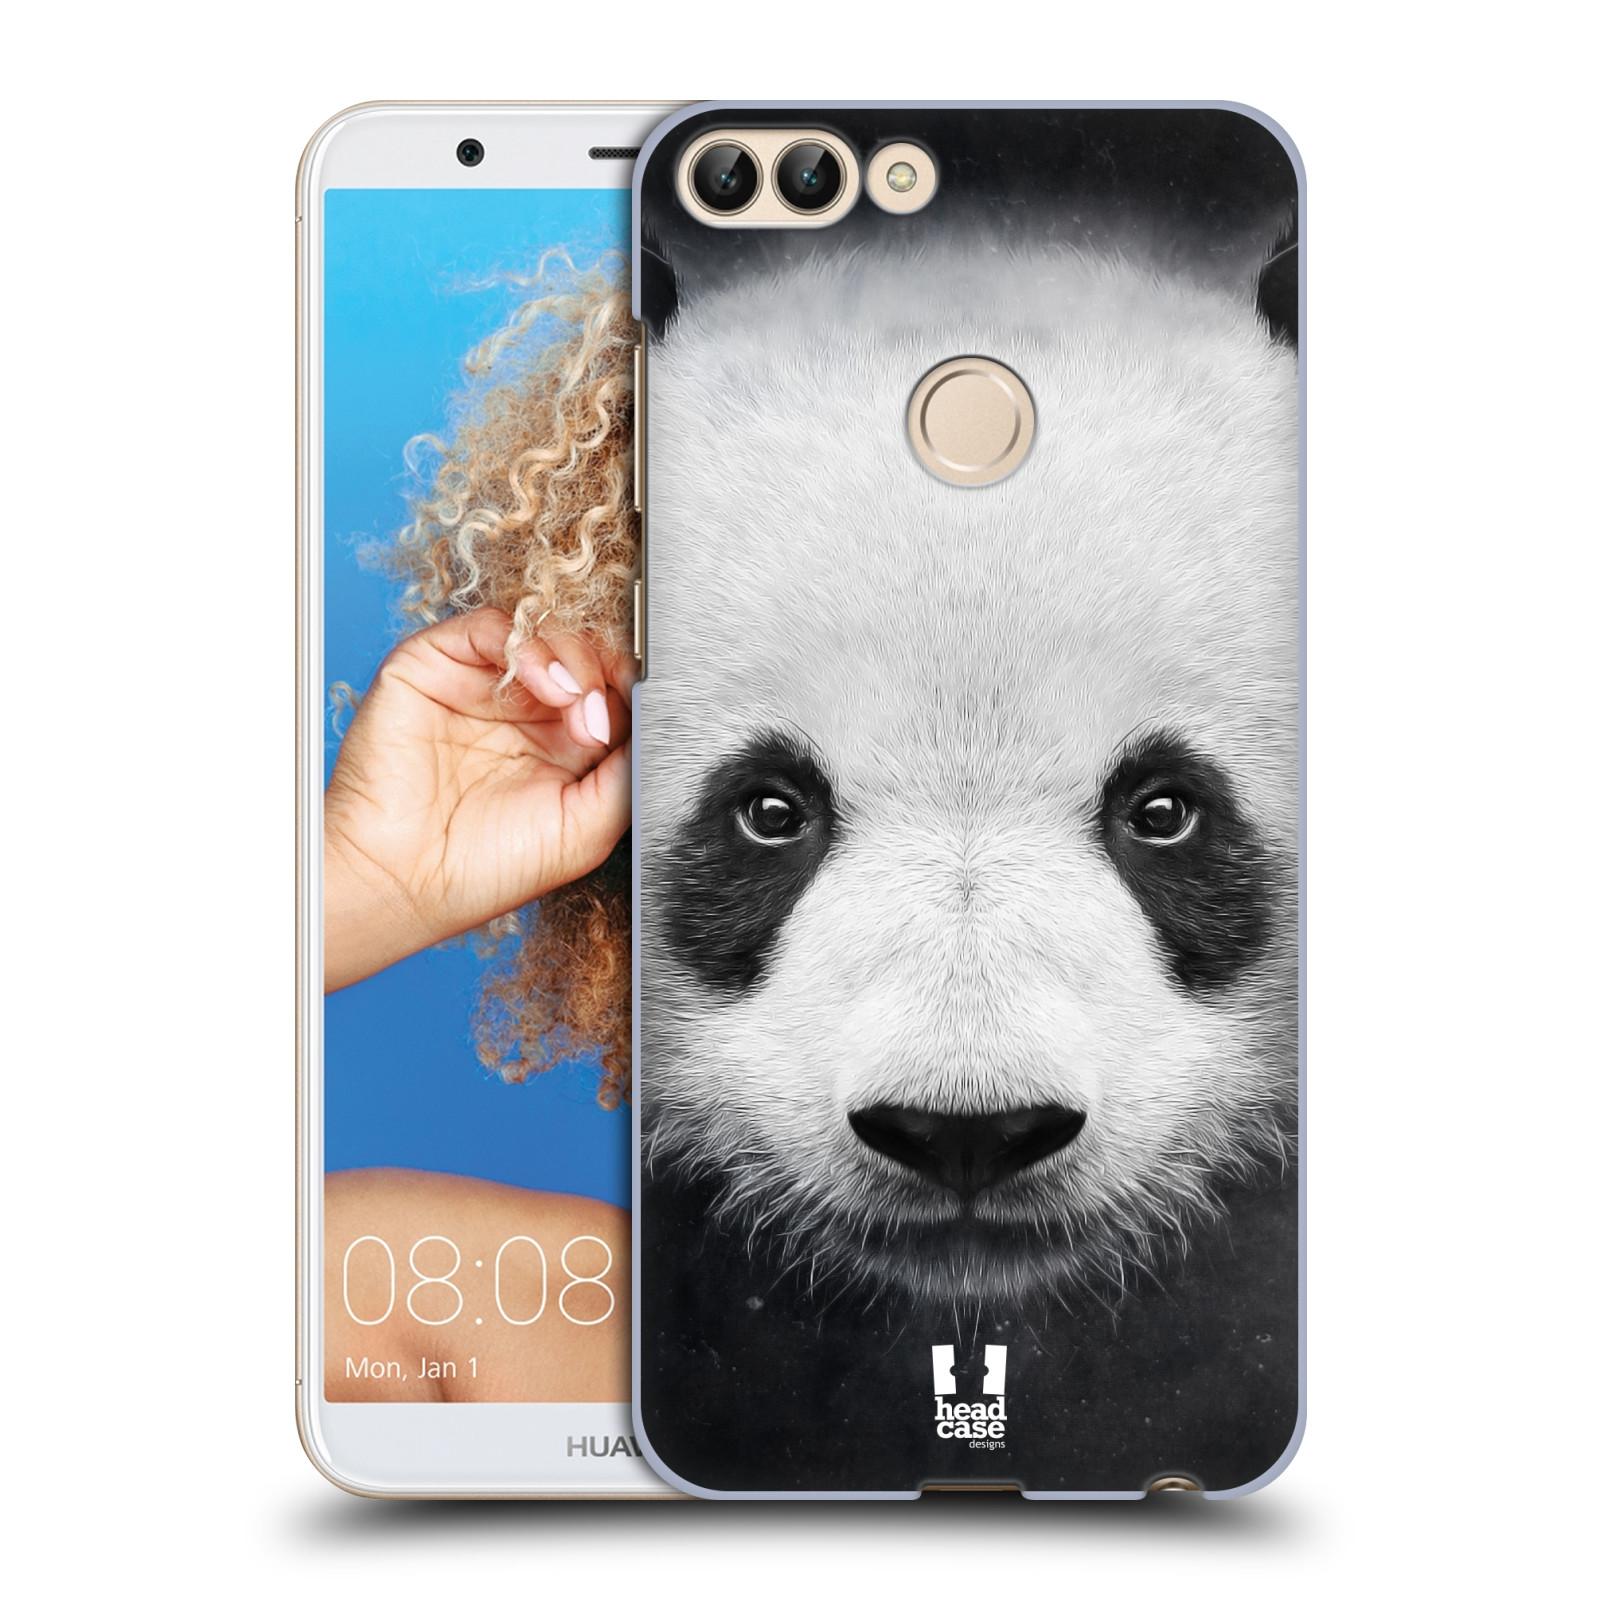 HEAD CASE plastový obal na mobil Huawei P Smart vzor Zvířecí tváře medvěd panda